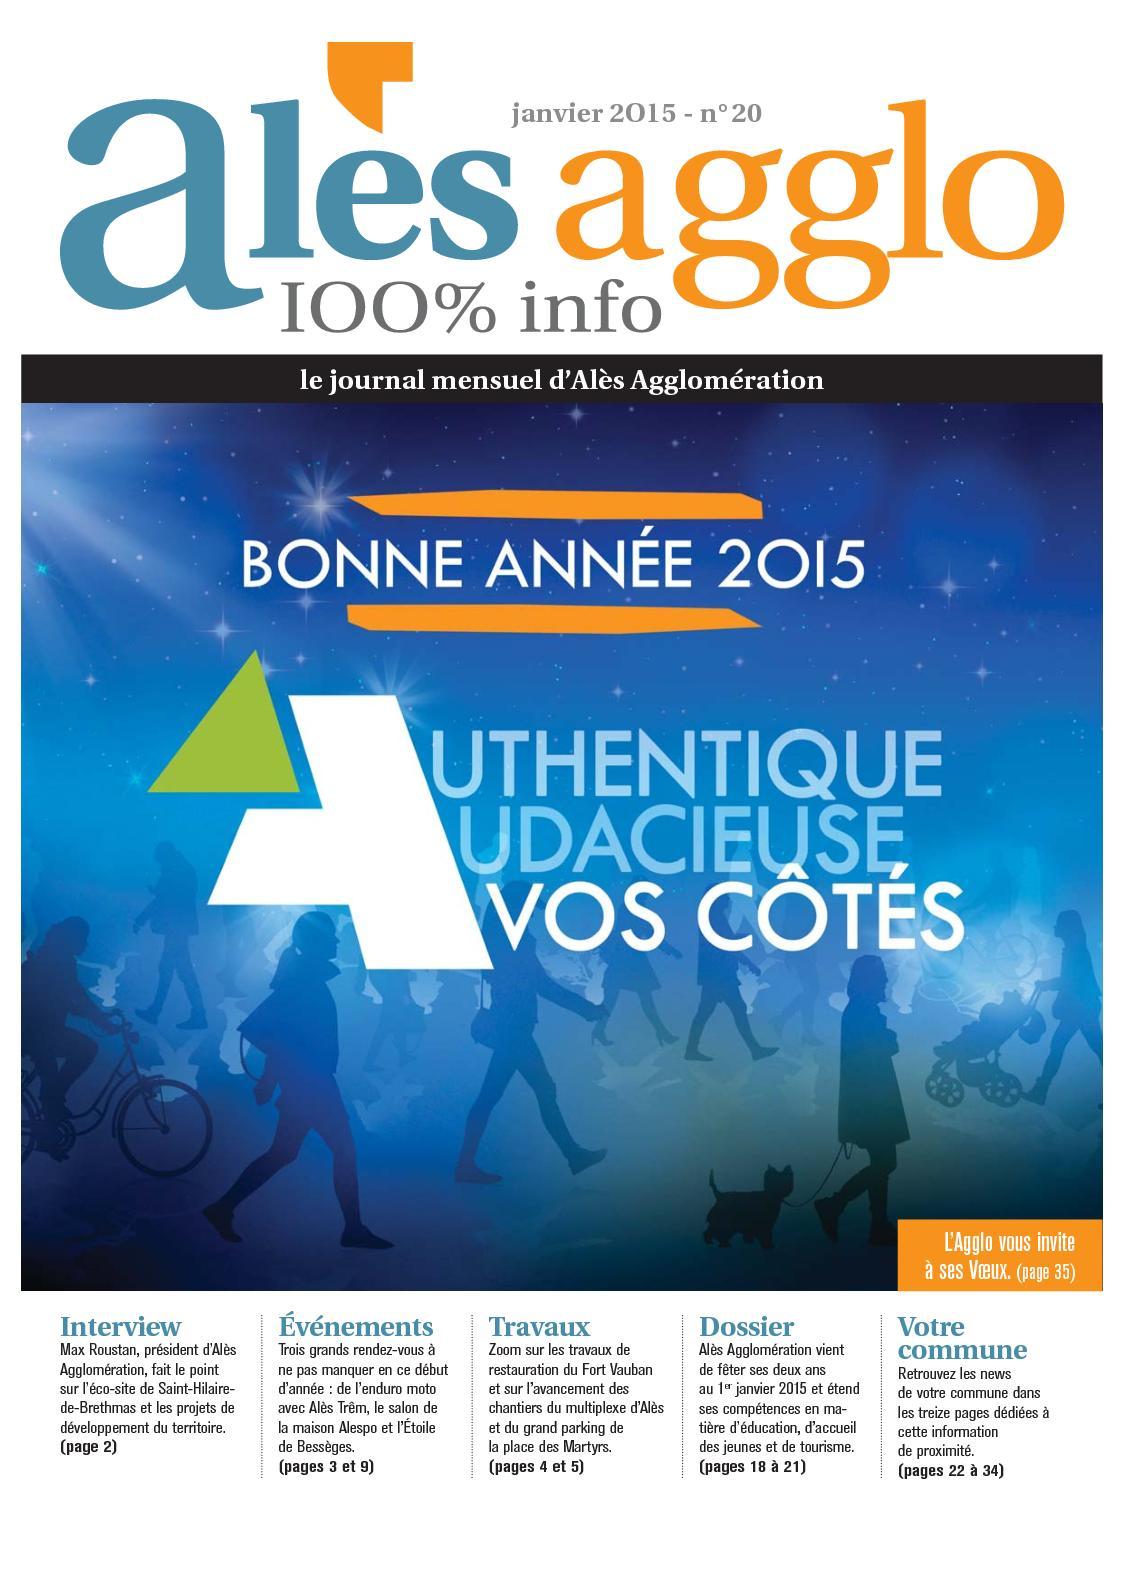 Calaméo Journal Alès Agglo N20 Janvier 2015